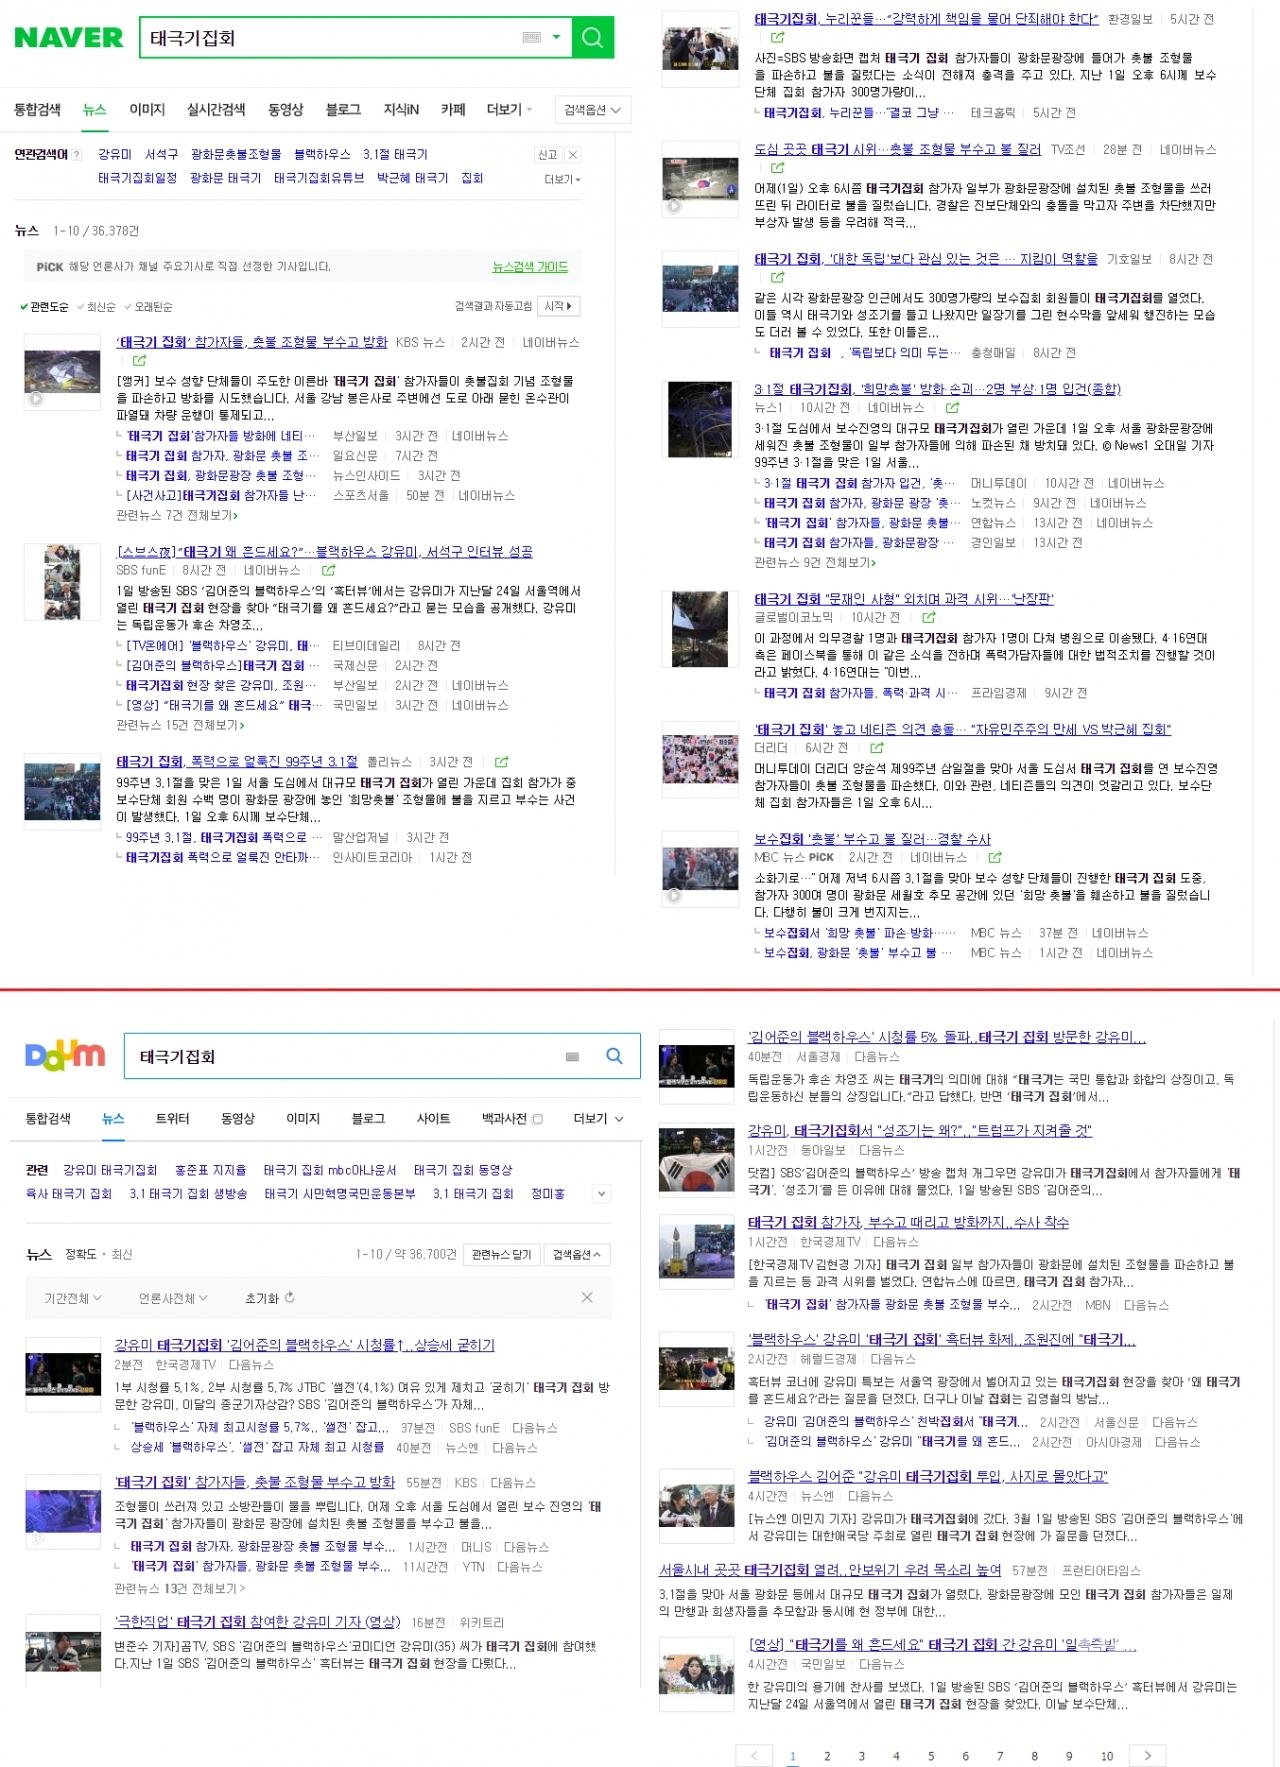 (위쪽) 포털 네이버 '태극기집회' 검색 결과(아래쪽) 포털 다음 '태극기집회' 검색 결과